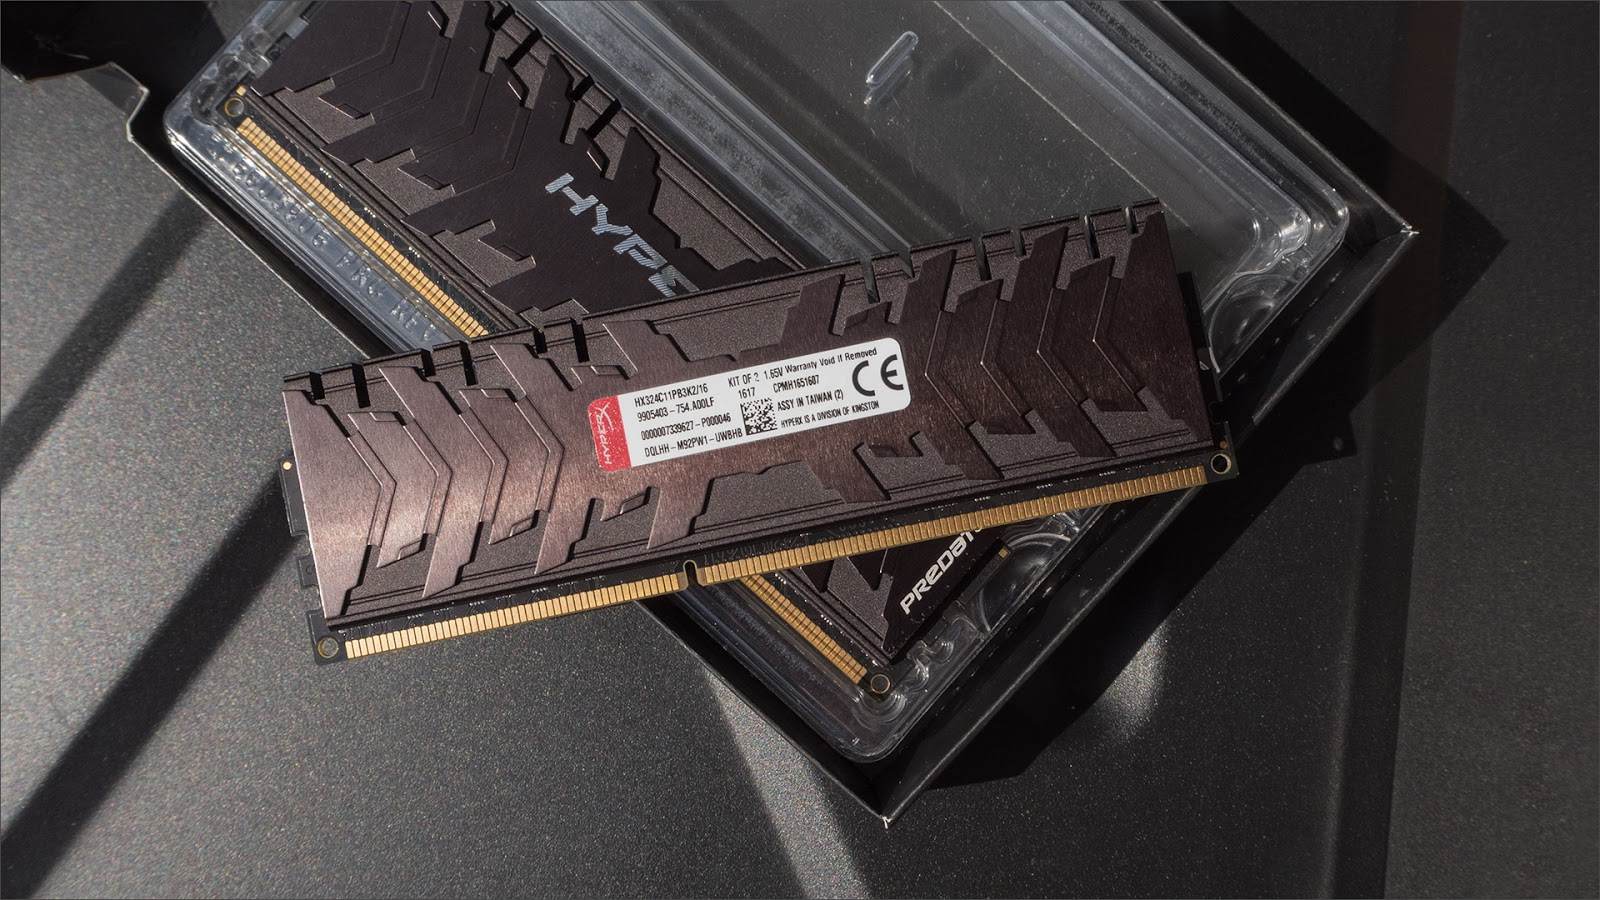 Новые пушки для старого дредноута: сверхбыстрая DDR3 в 2017 году - 18